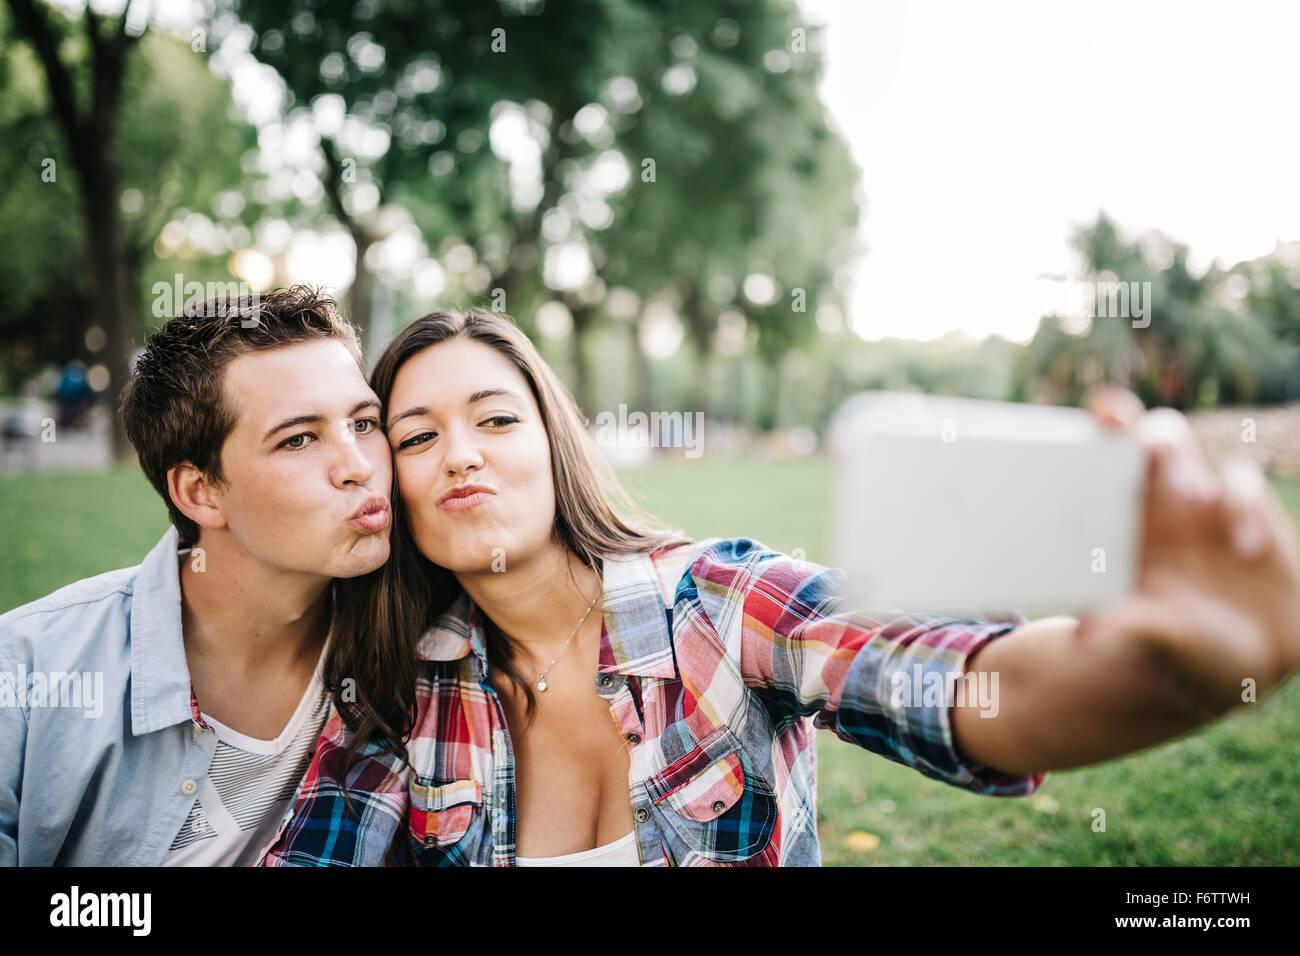 Porträt des jungen Paares in der Liebe nehmen ein Selbstporträt mit Smartphone in einem park Stockbild